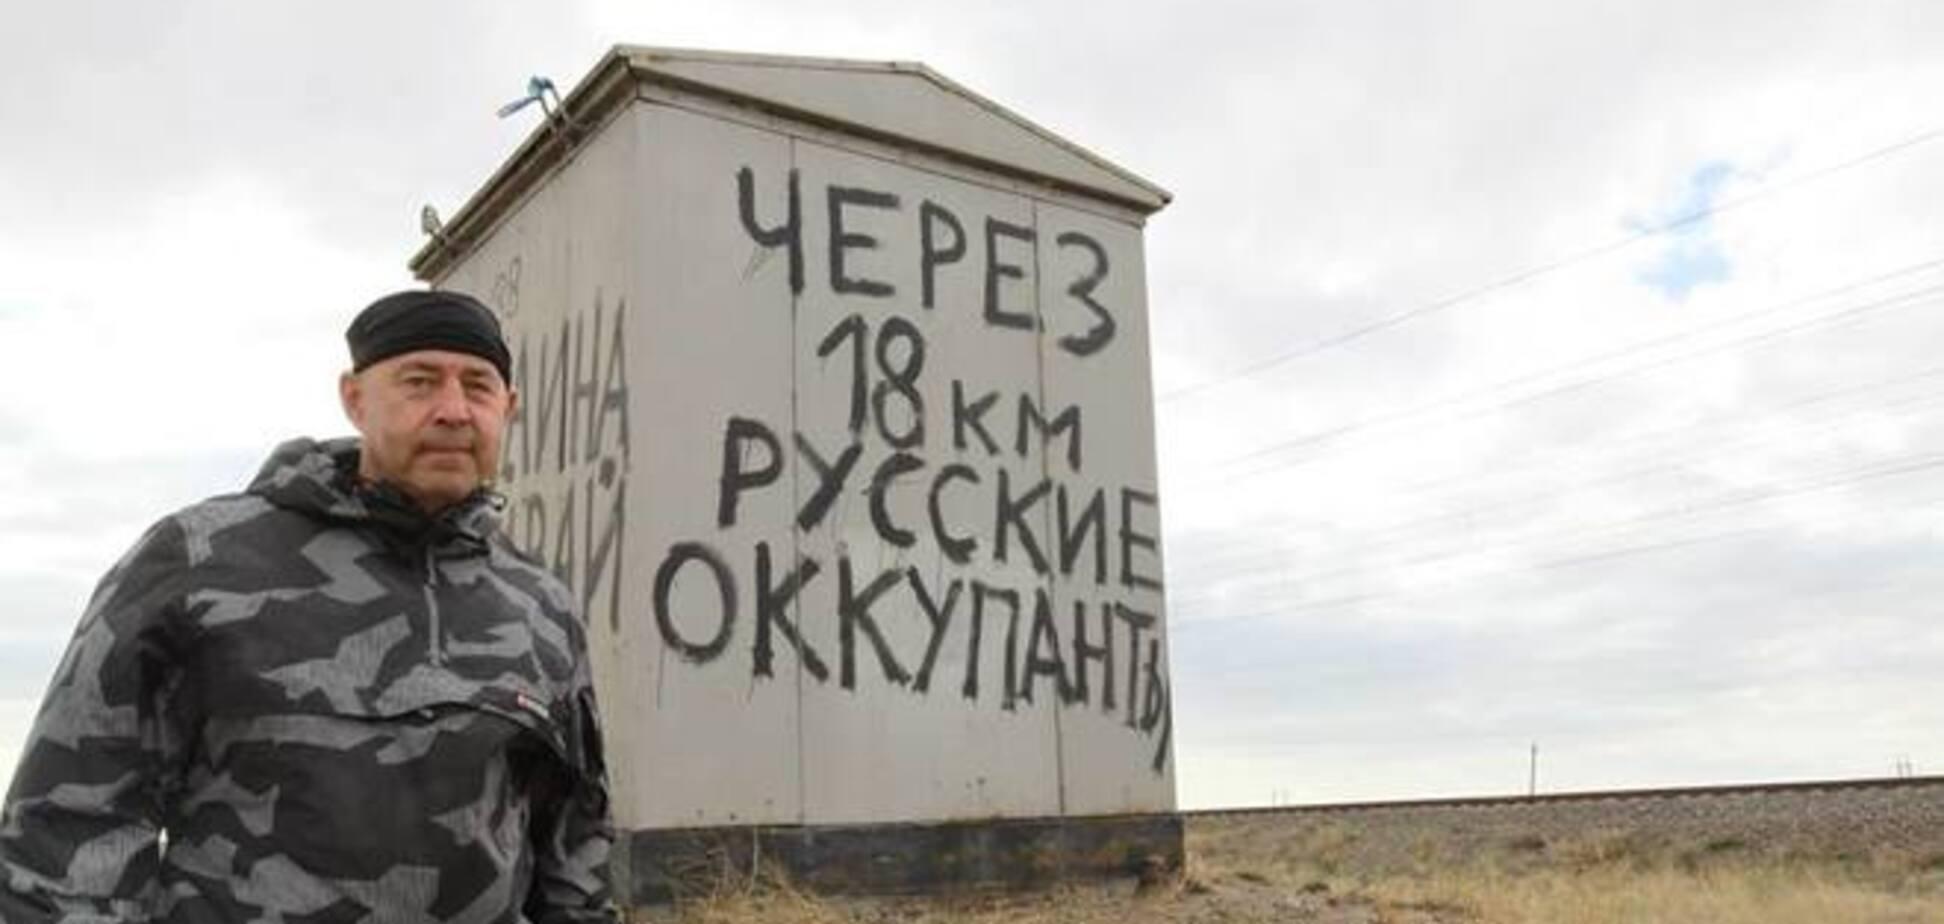 Психолог Олег Покальчук: в войне ничего романтического нет